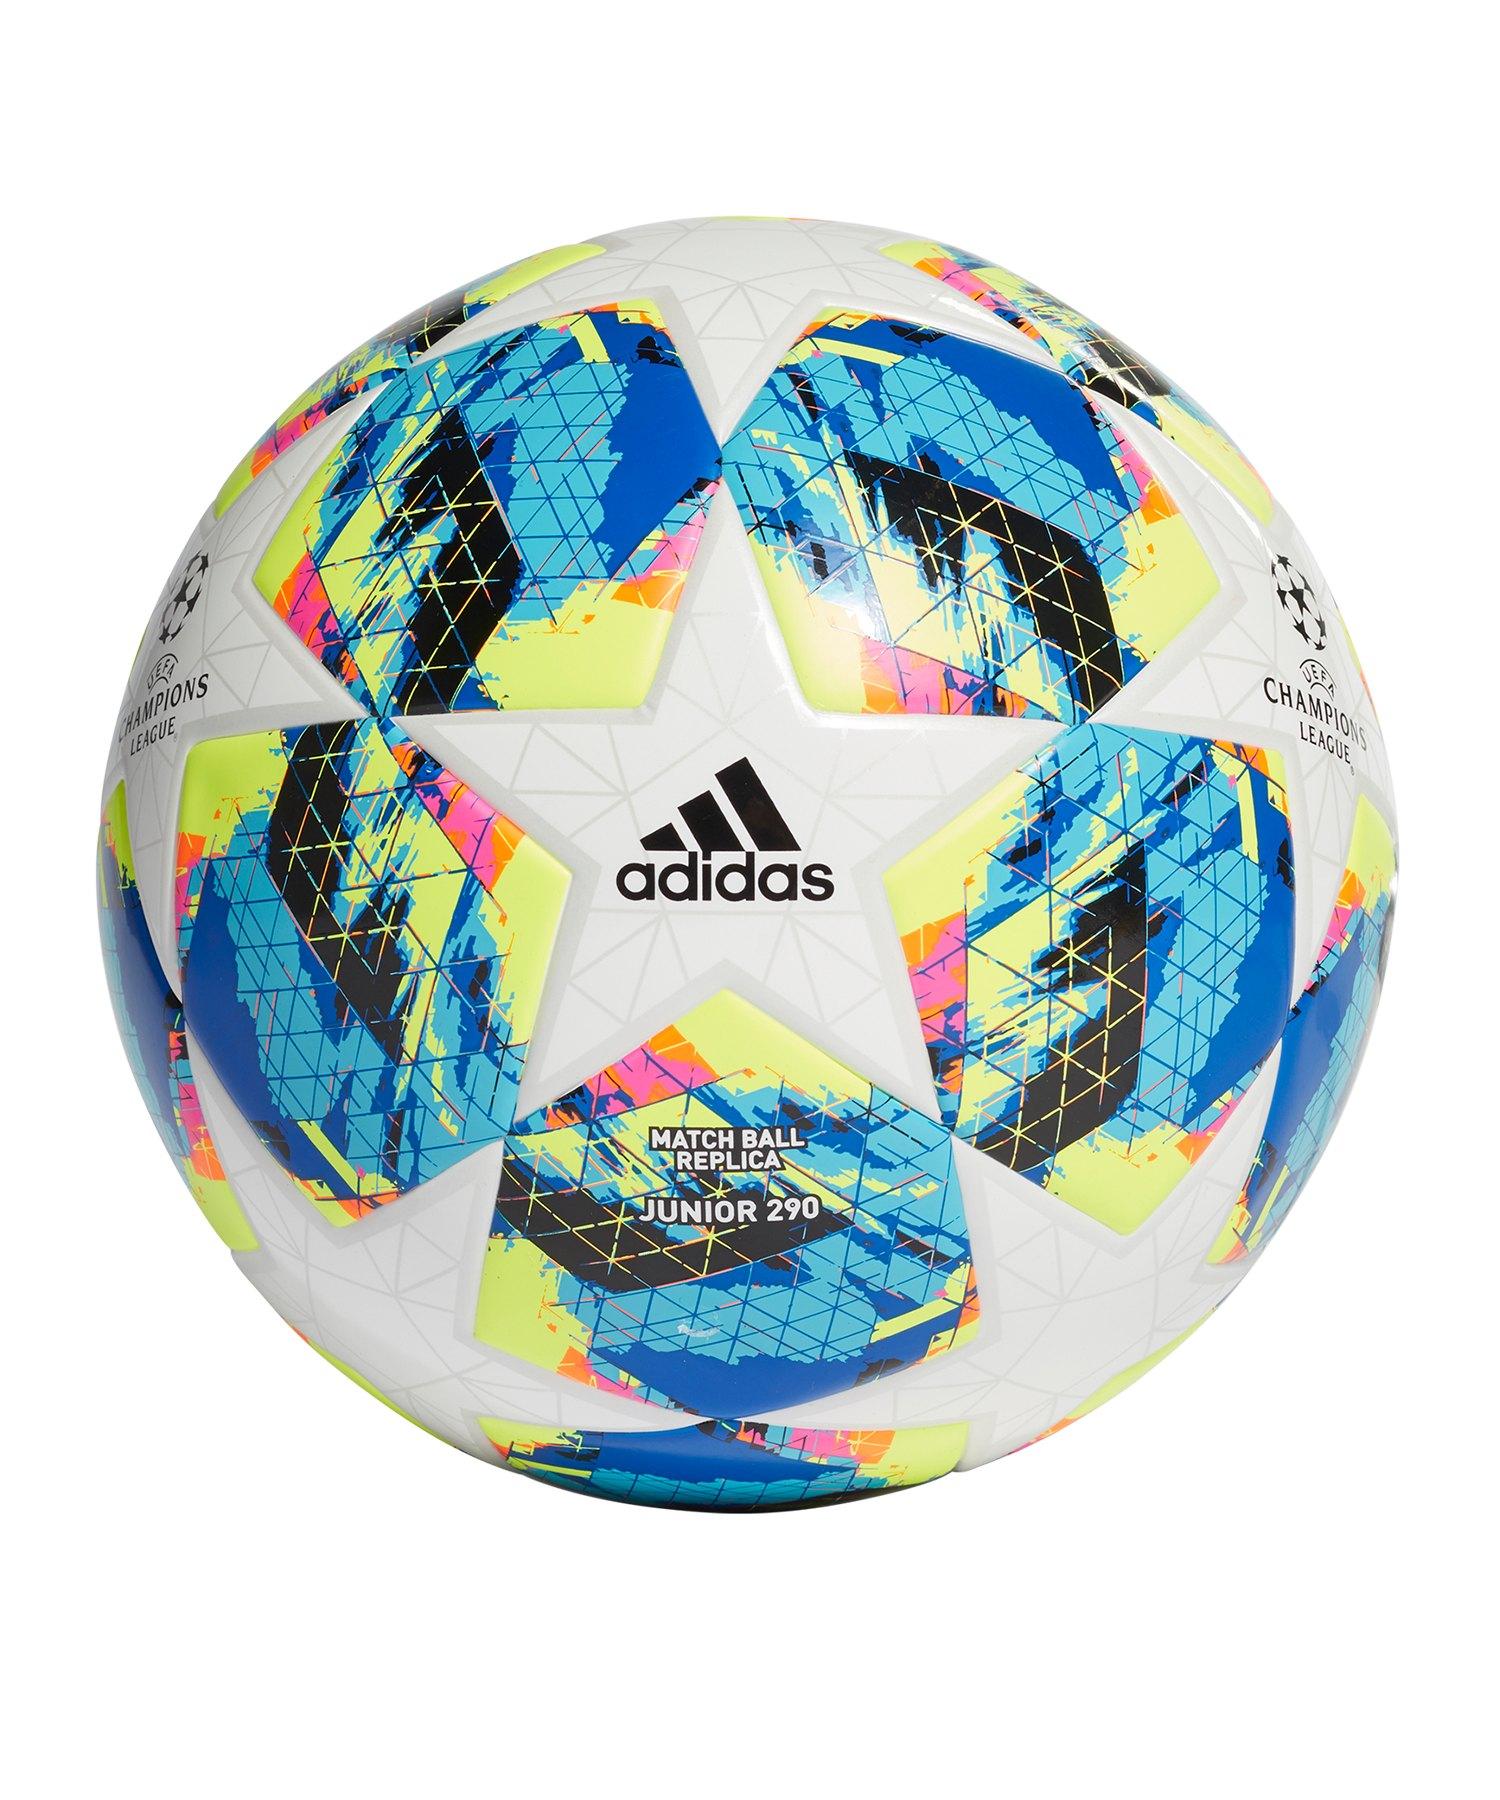 adidas Finale Lightball 290 Gramm Weiss Türkis - weiss